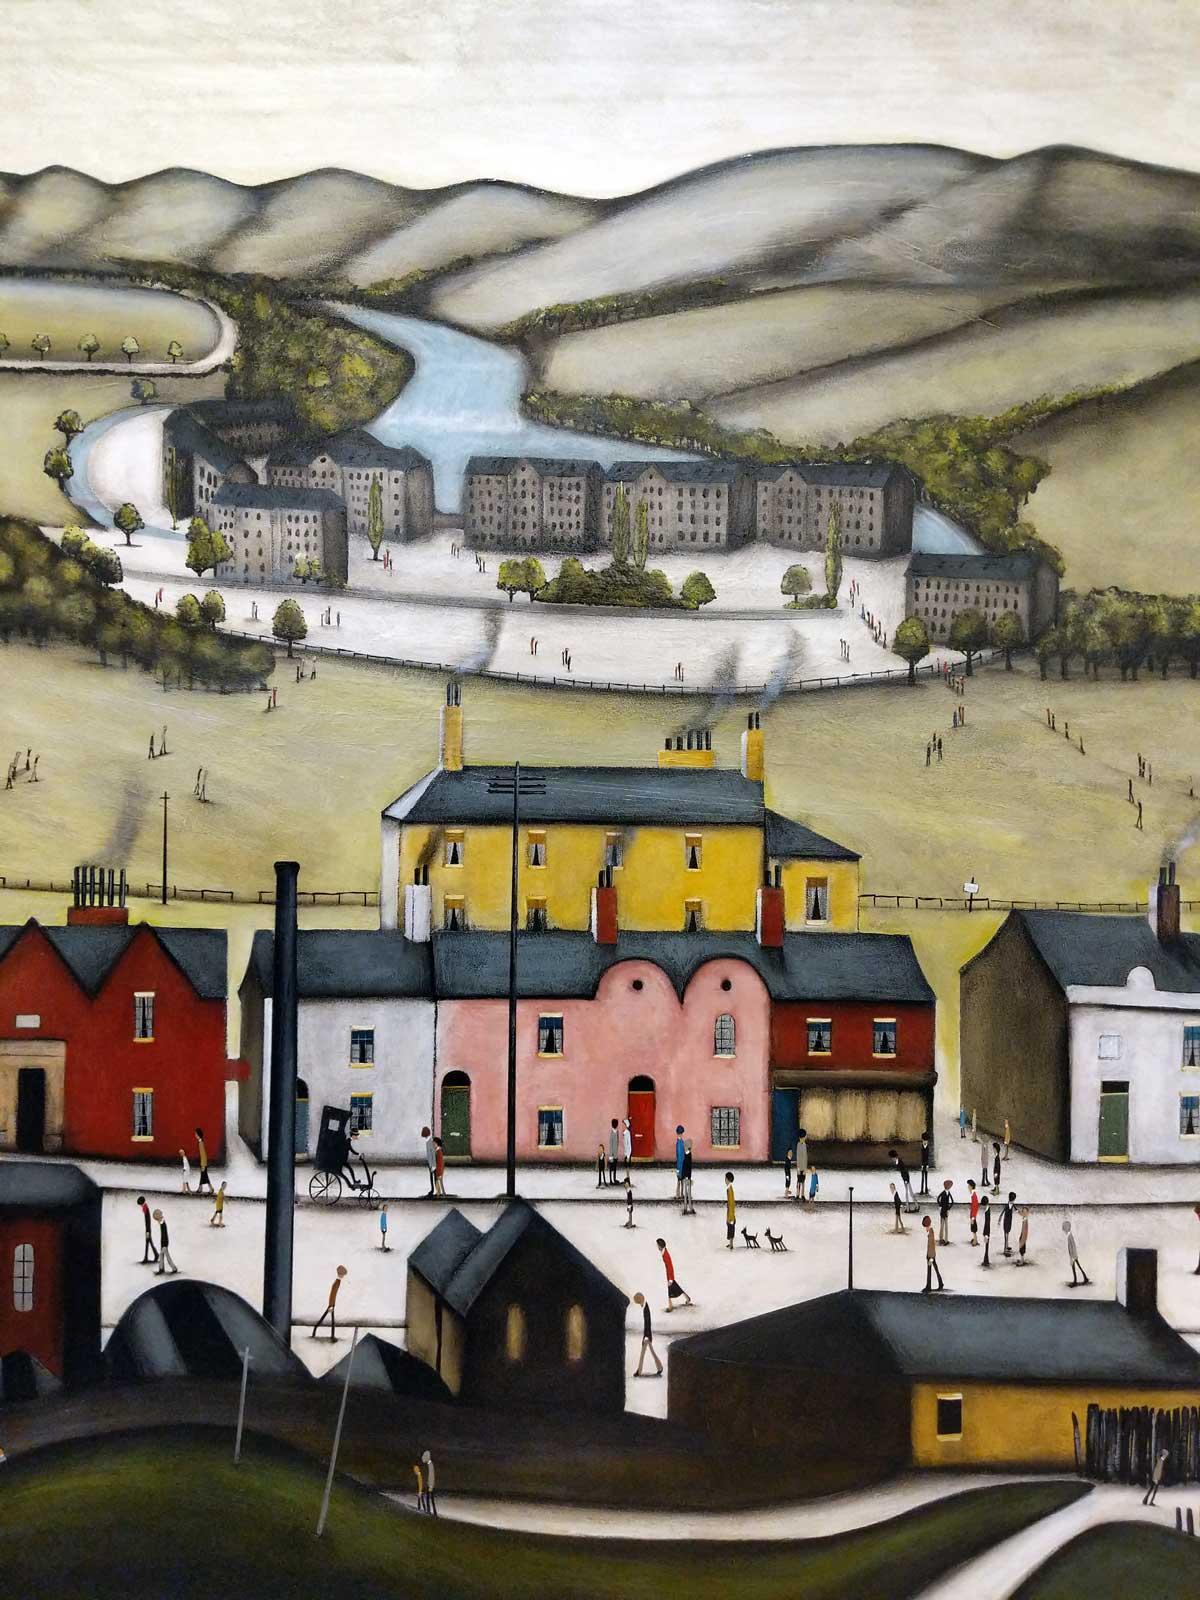 Glenmuir Factory, Lanark Commission